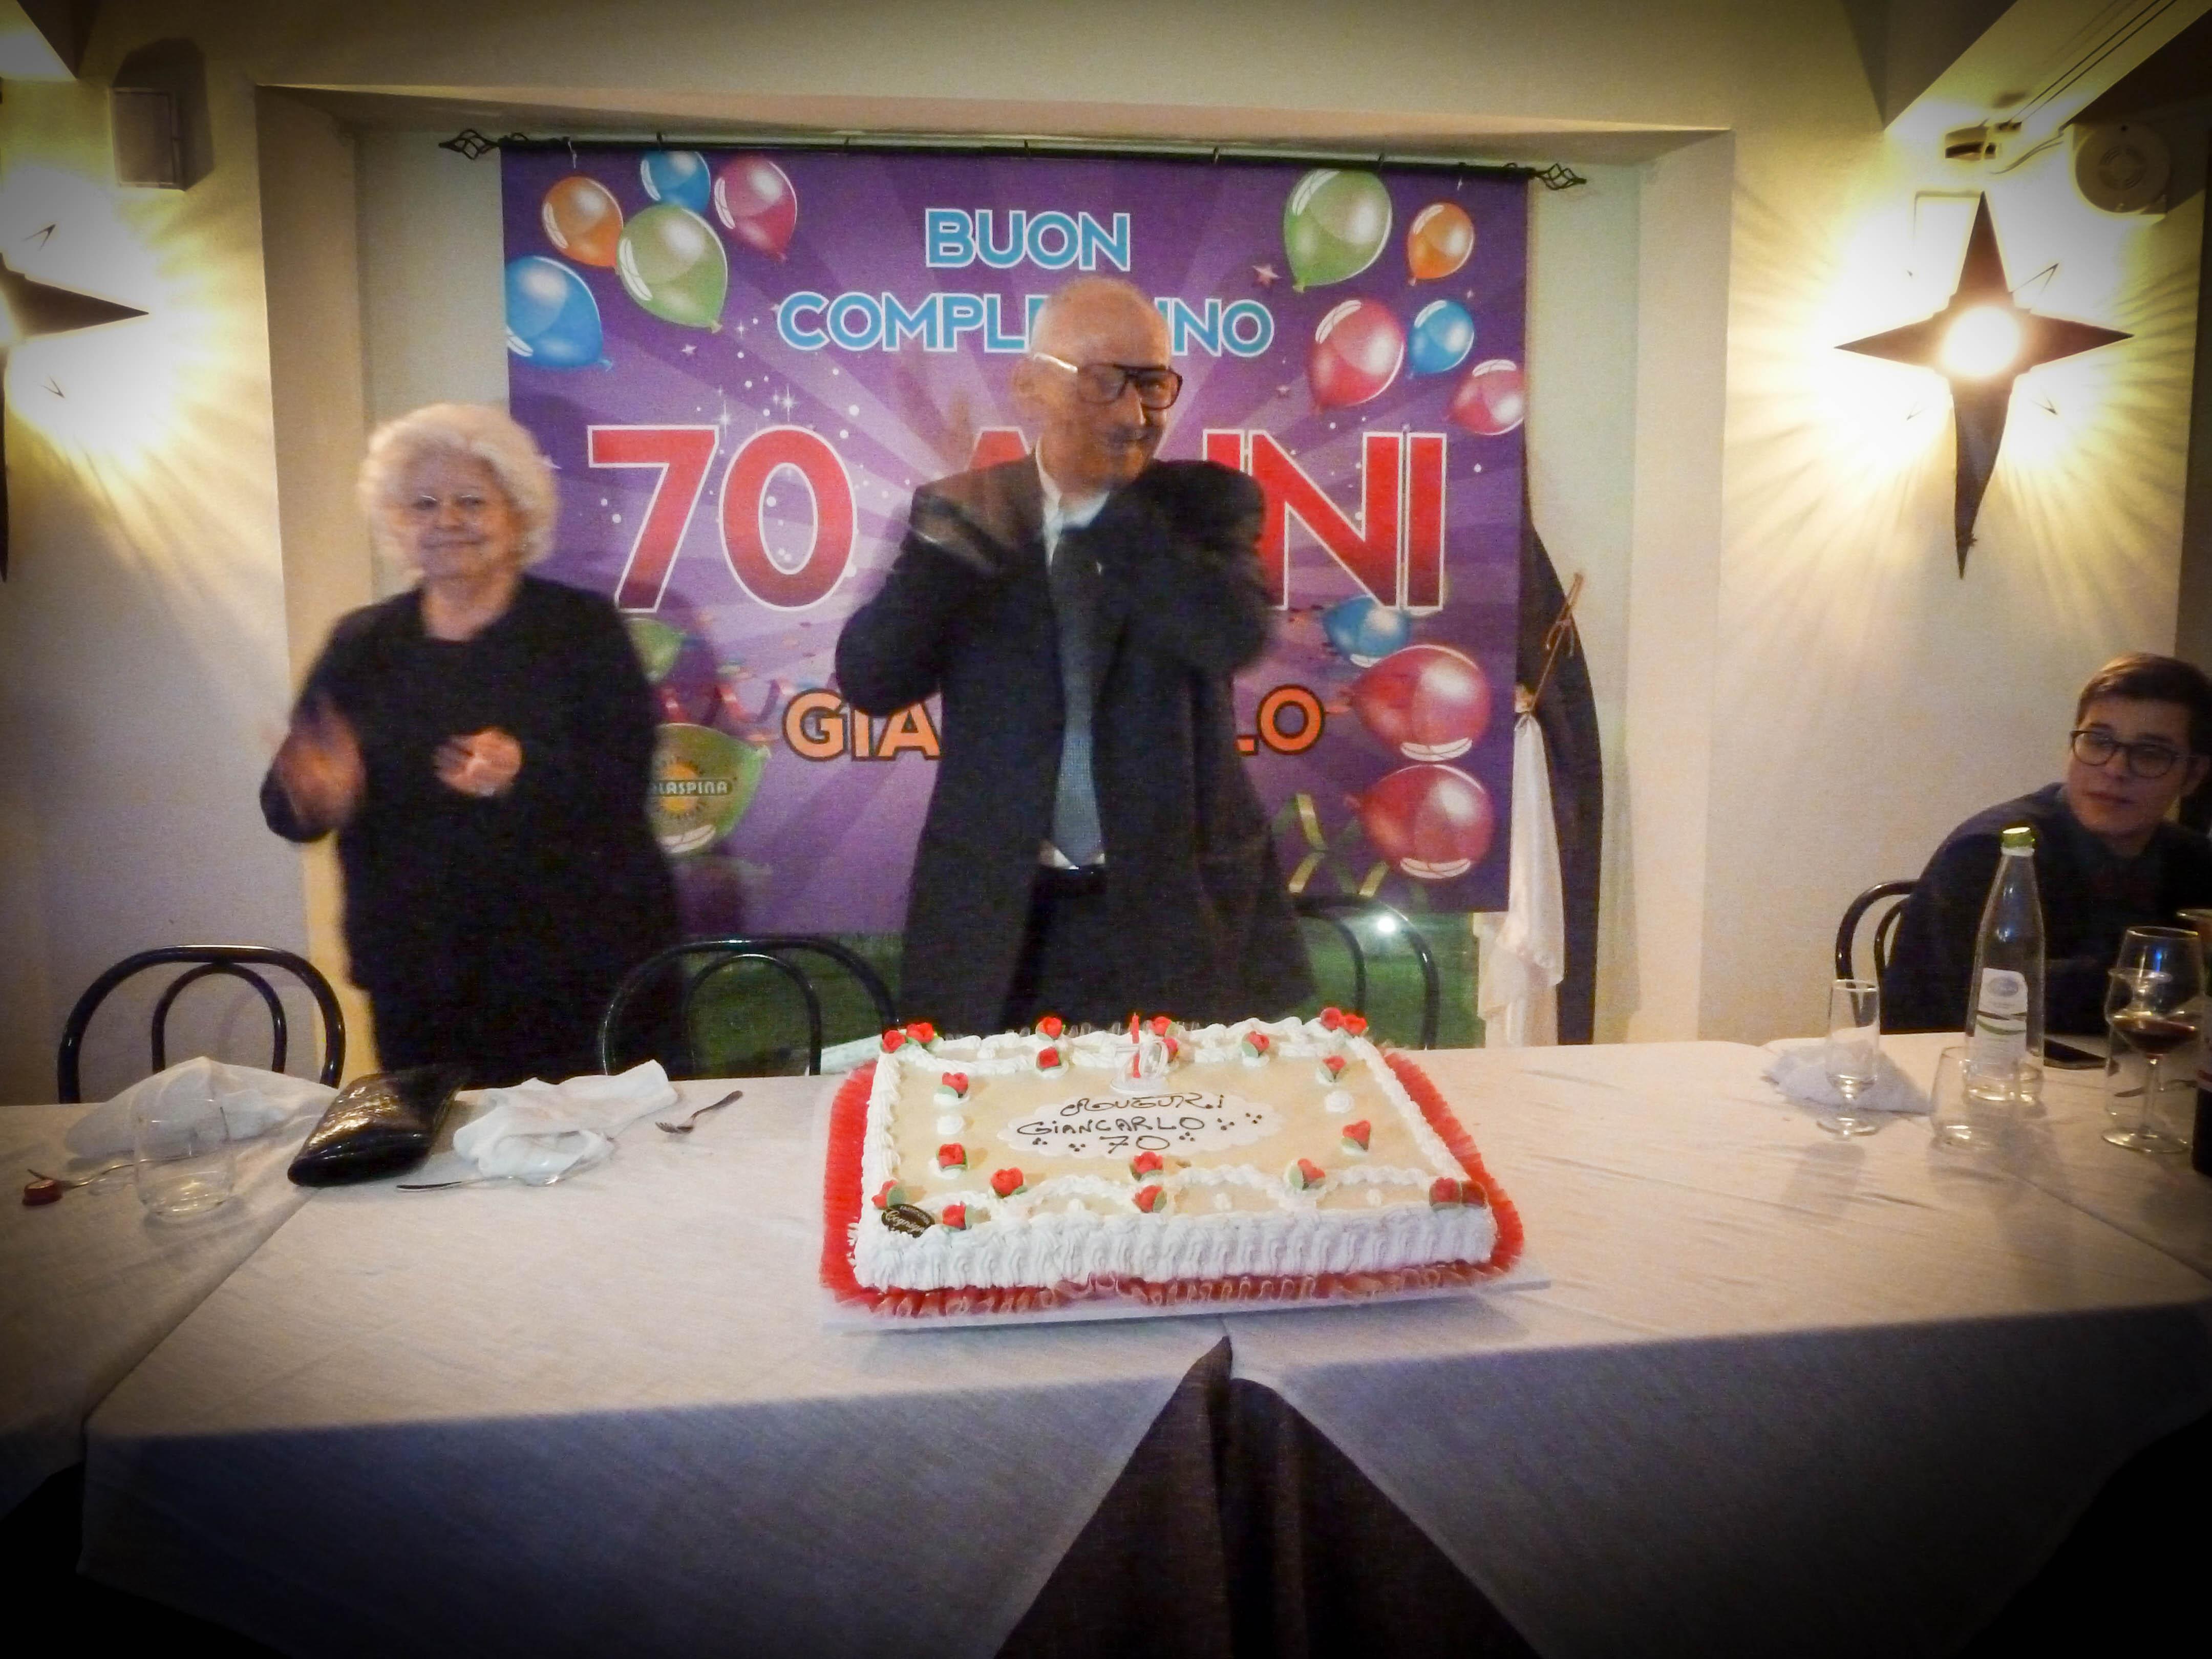 Sorprese Per Un Compleanno un compleanno a sorpresa per i 70 anni di giancarlo - malaspina